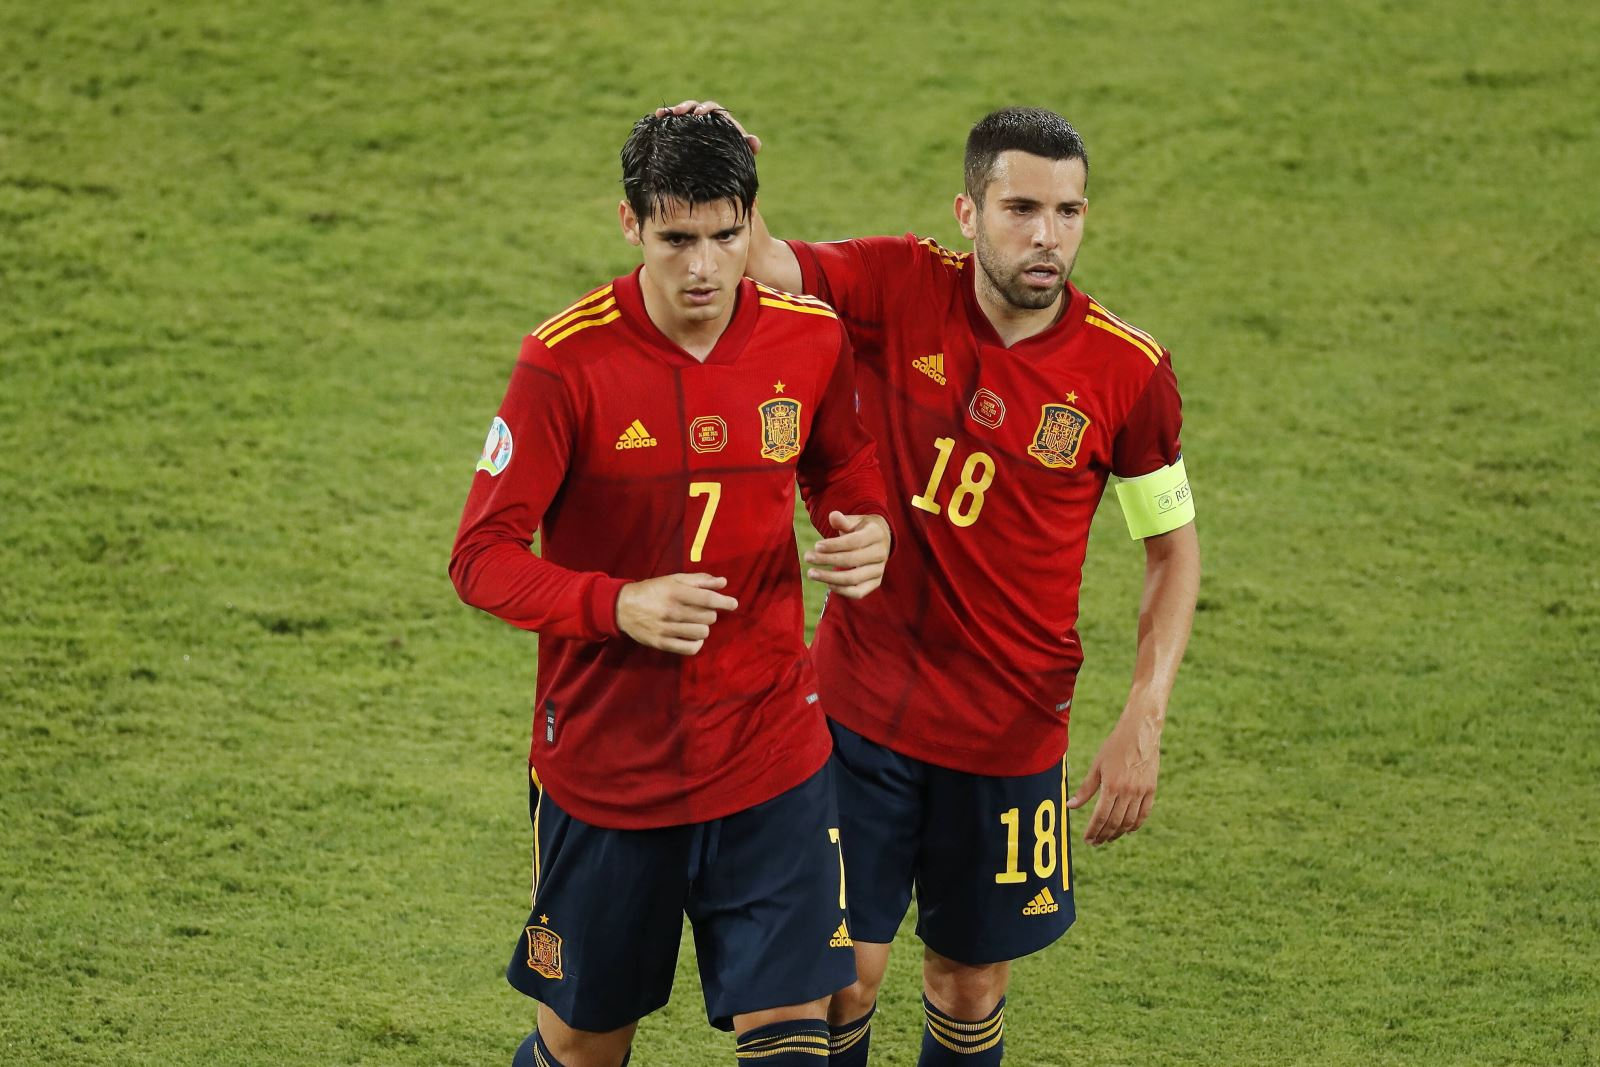 Trực tiếp Tây Ban Nha vs Ba Lan, soi kèo Tây Ban Nha vs Ba Lan, nhận định Tây Ban Nha vs Ba Lan, EURO 2021, lịch thi đấu EURO 2021, link xem trực tiếp Tây Ban Nha vs Ba Lan